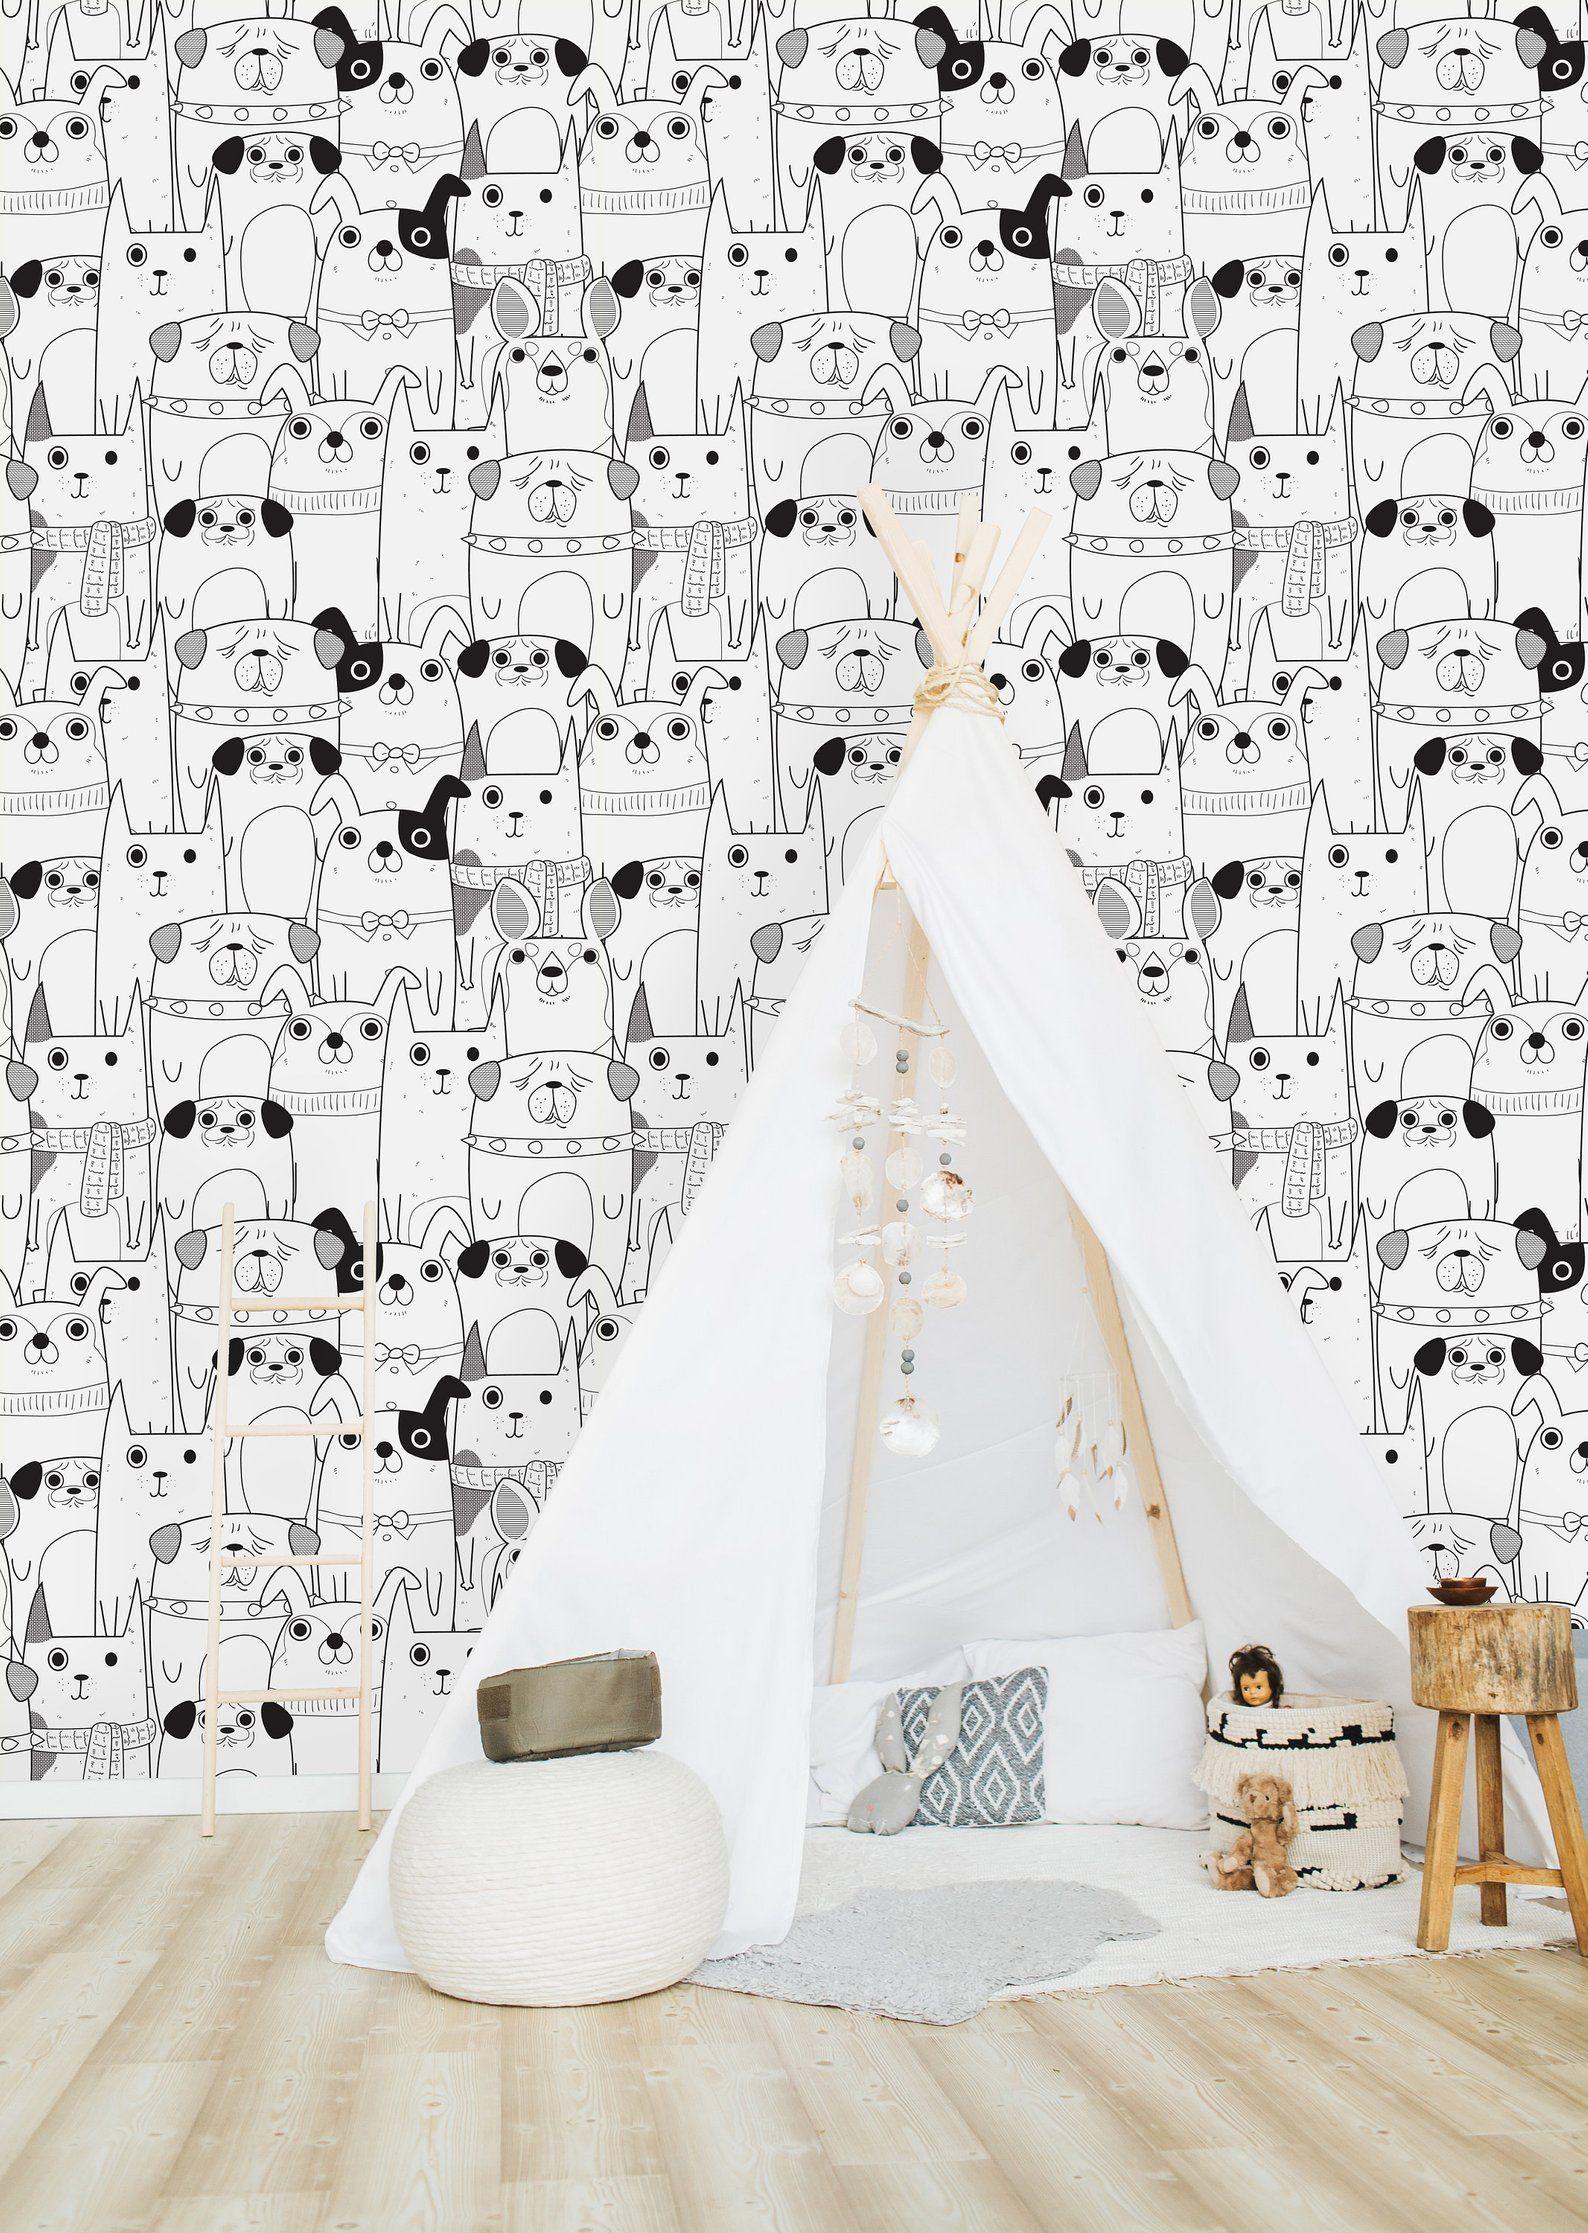 Zwart Wit Honden Wallpaper Peel En Stick Wallpaper Muur Etsy Dog Wallpaper Wall Wallpaper Self Adhesive Wallpaper